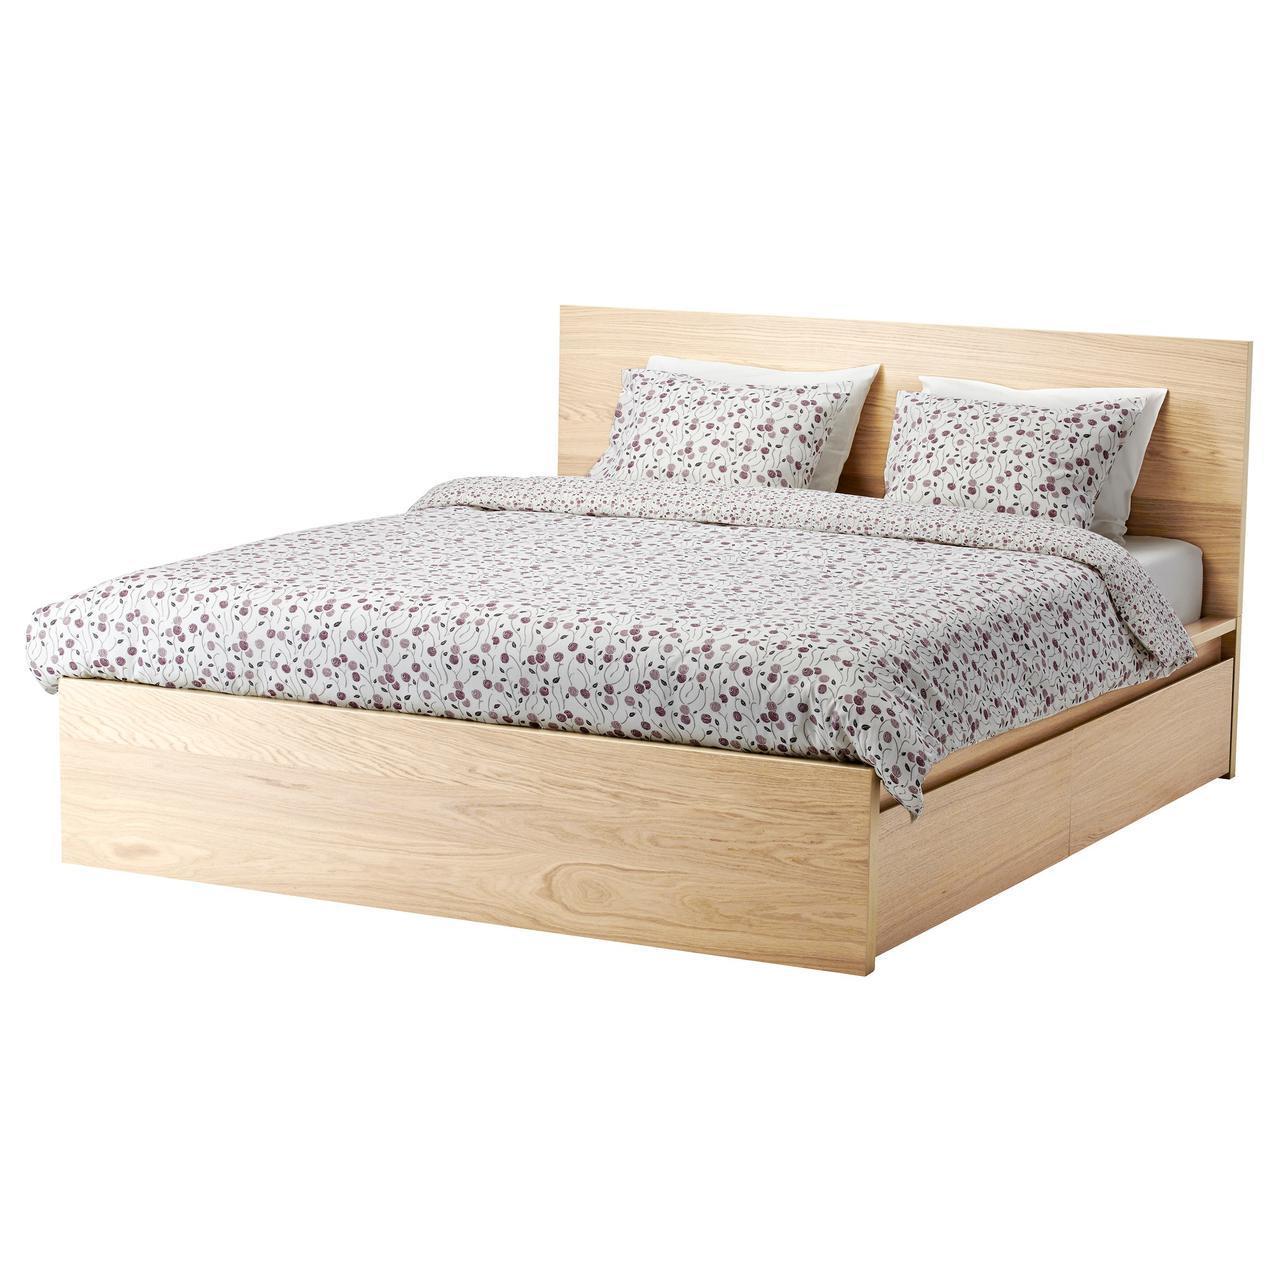 IKEA MALM (890.226.78) Кровать, высокая, 4 контейнера, белый витраж, Luroy